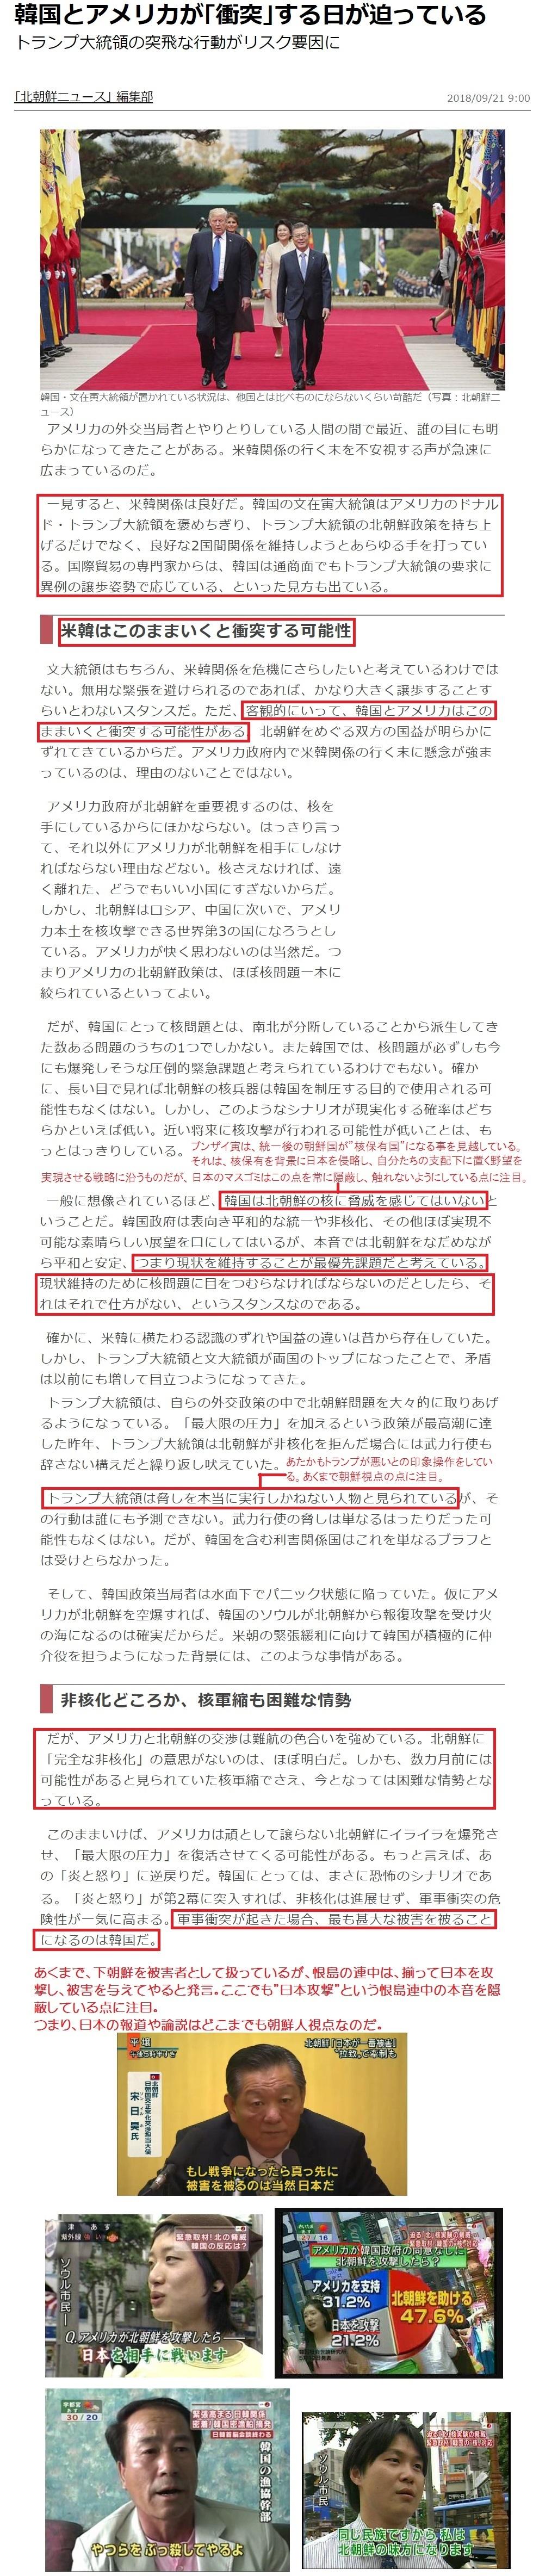 朝鮮大学のロシア人が書く朝鮮人視点のトランプを貶める記事1